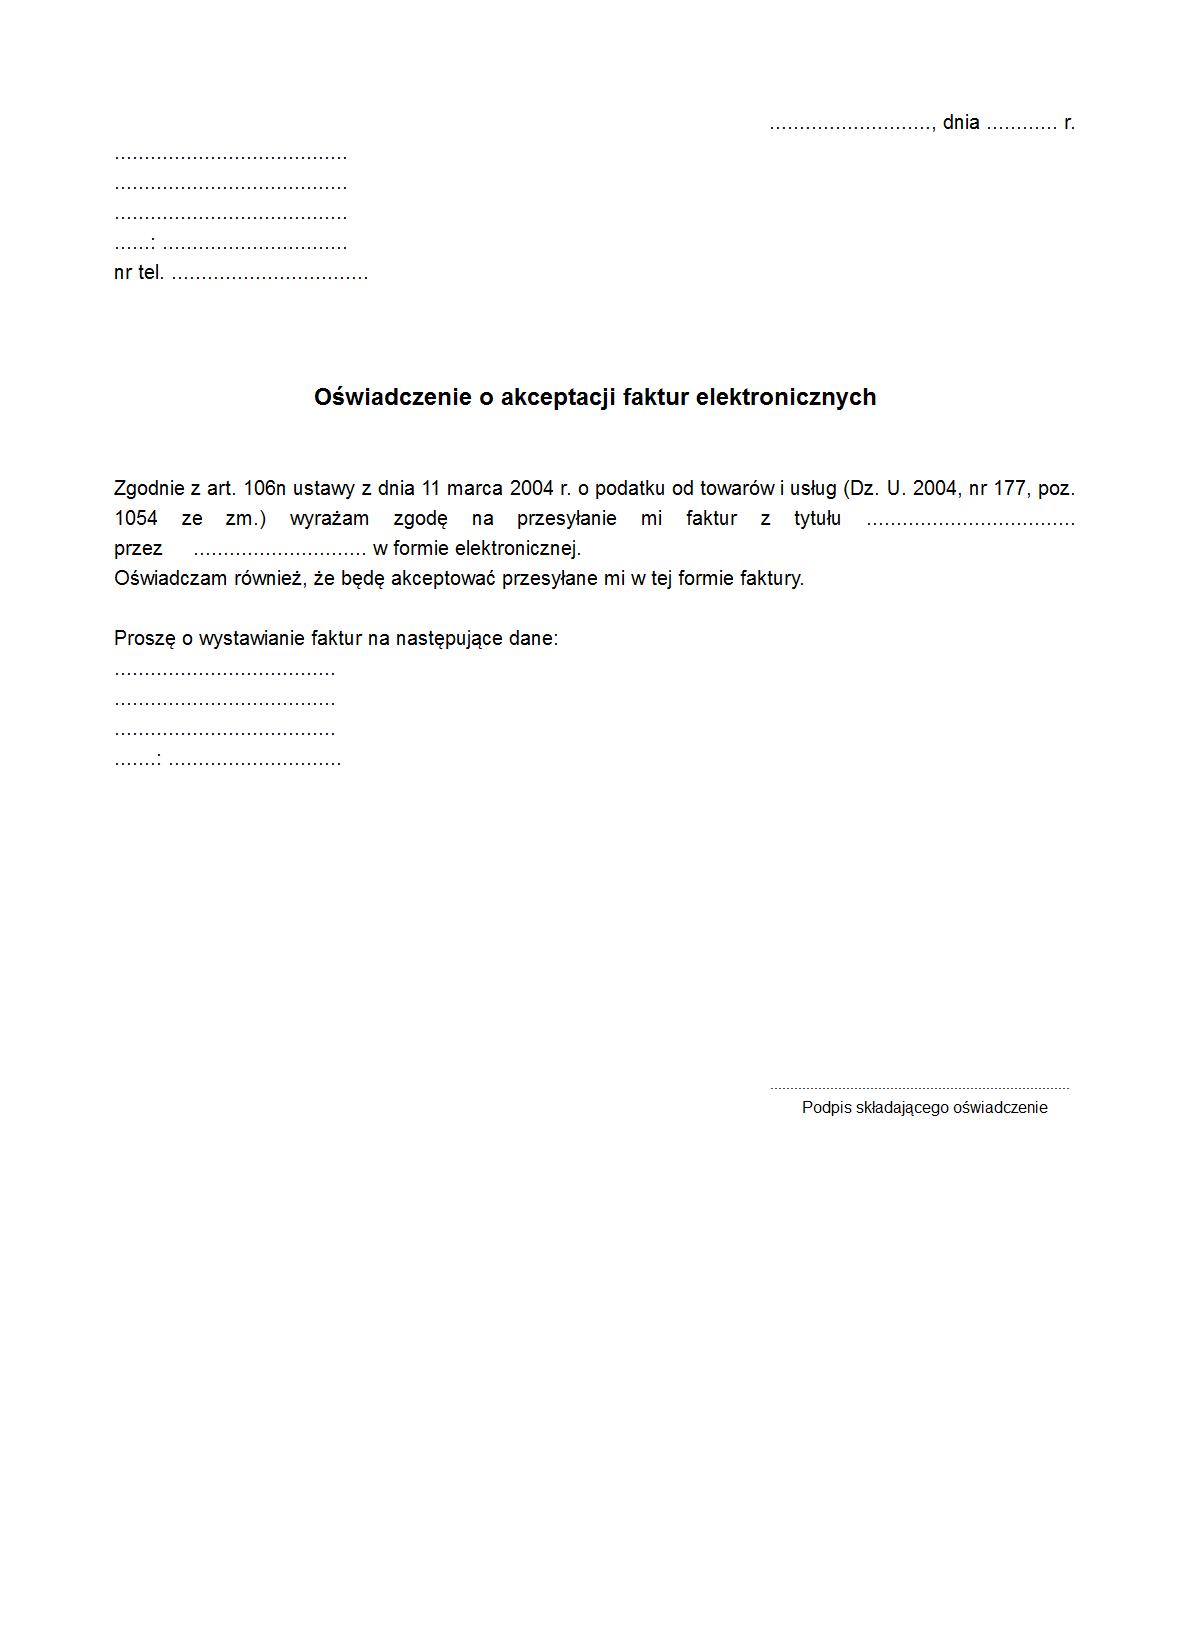 Oś Efv Oświadczenie O Akceptacji Druk Formularz Online